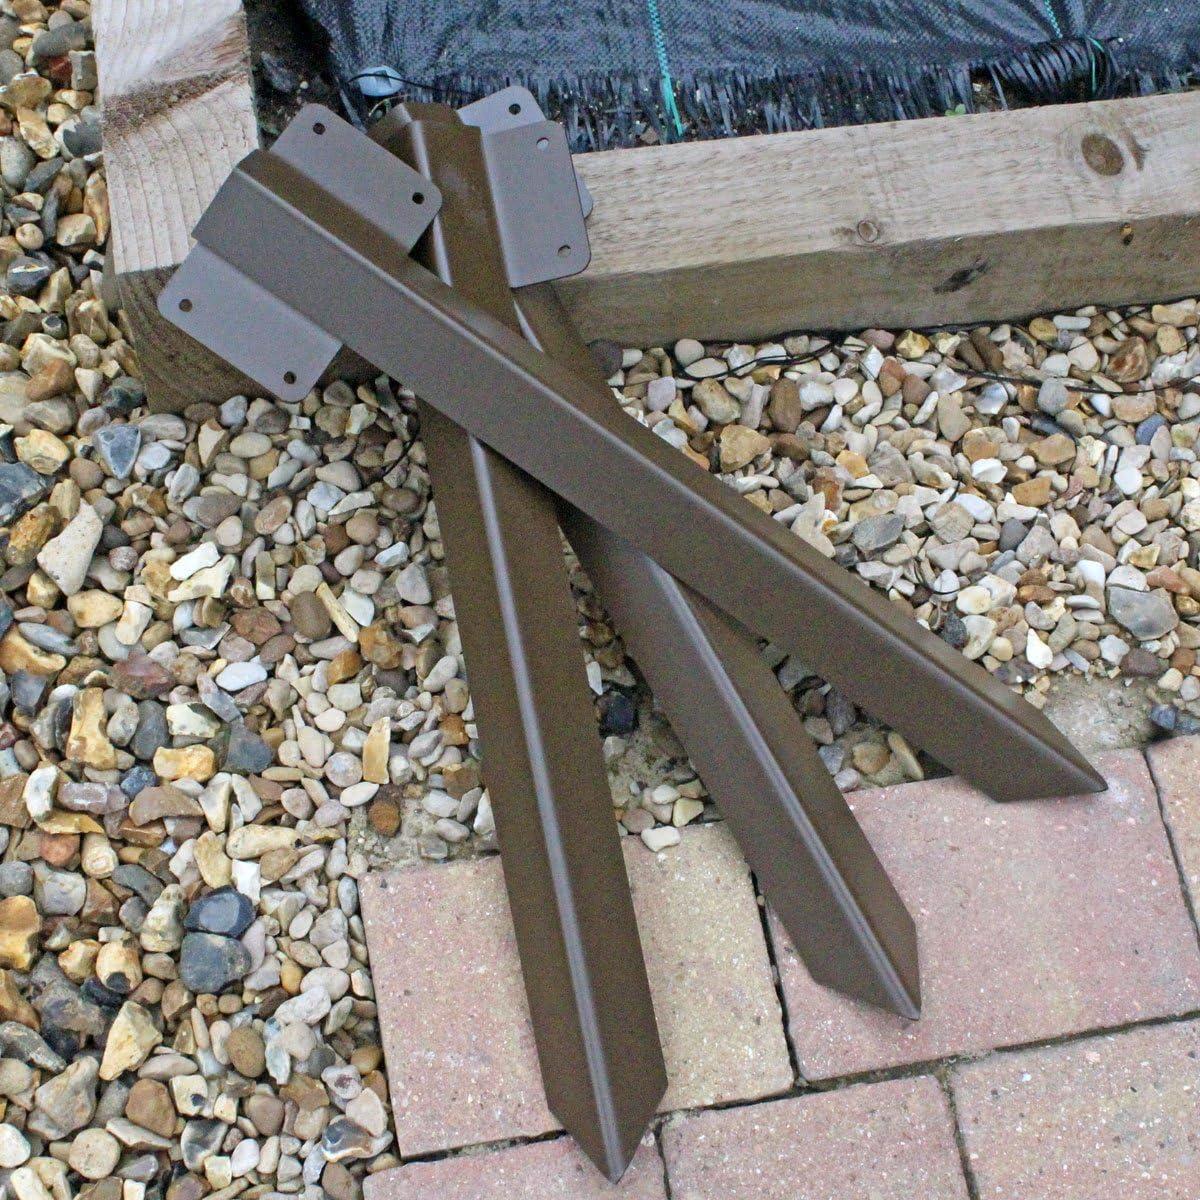 Calzada de madera resistente para traviesas de ferrocarril, con soporte con bordes rectos en color marrón: Amazon.es: Bricolaje y herramientas